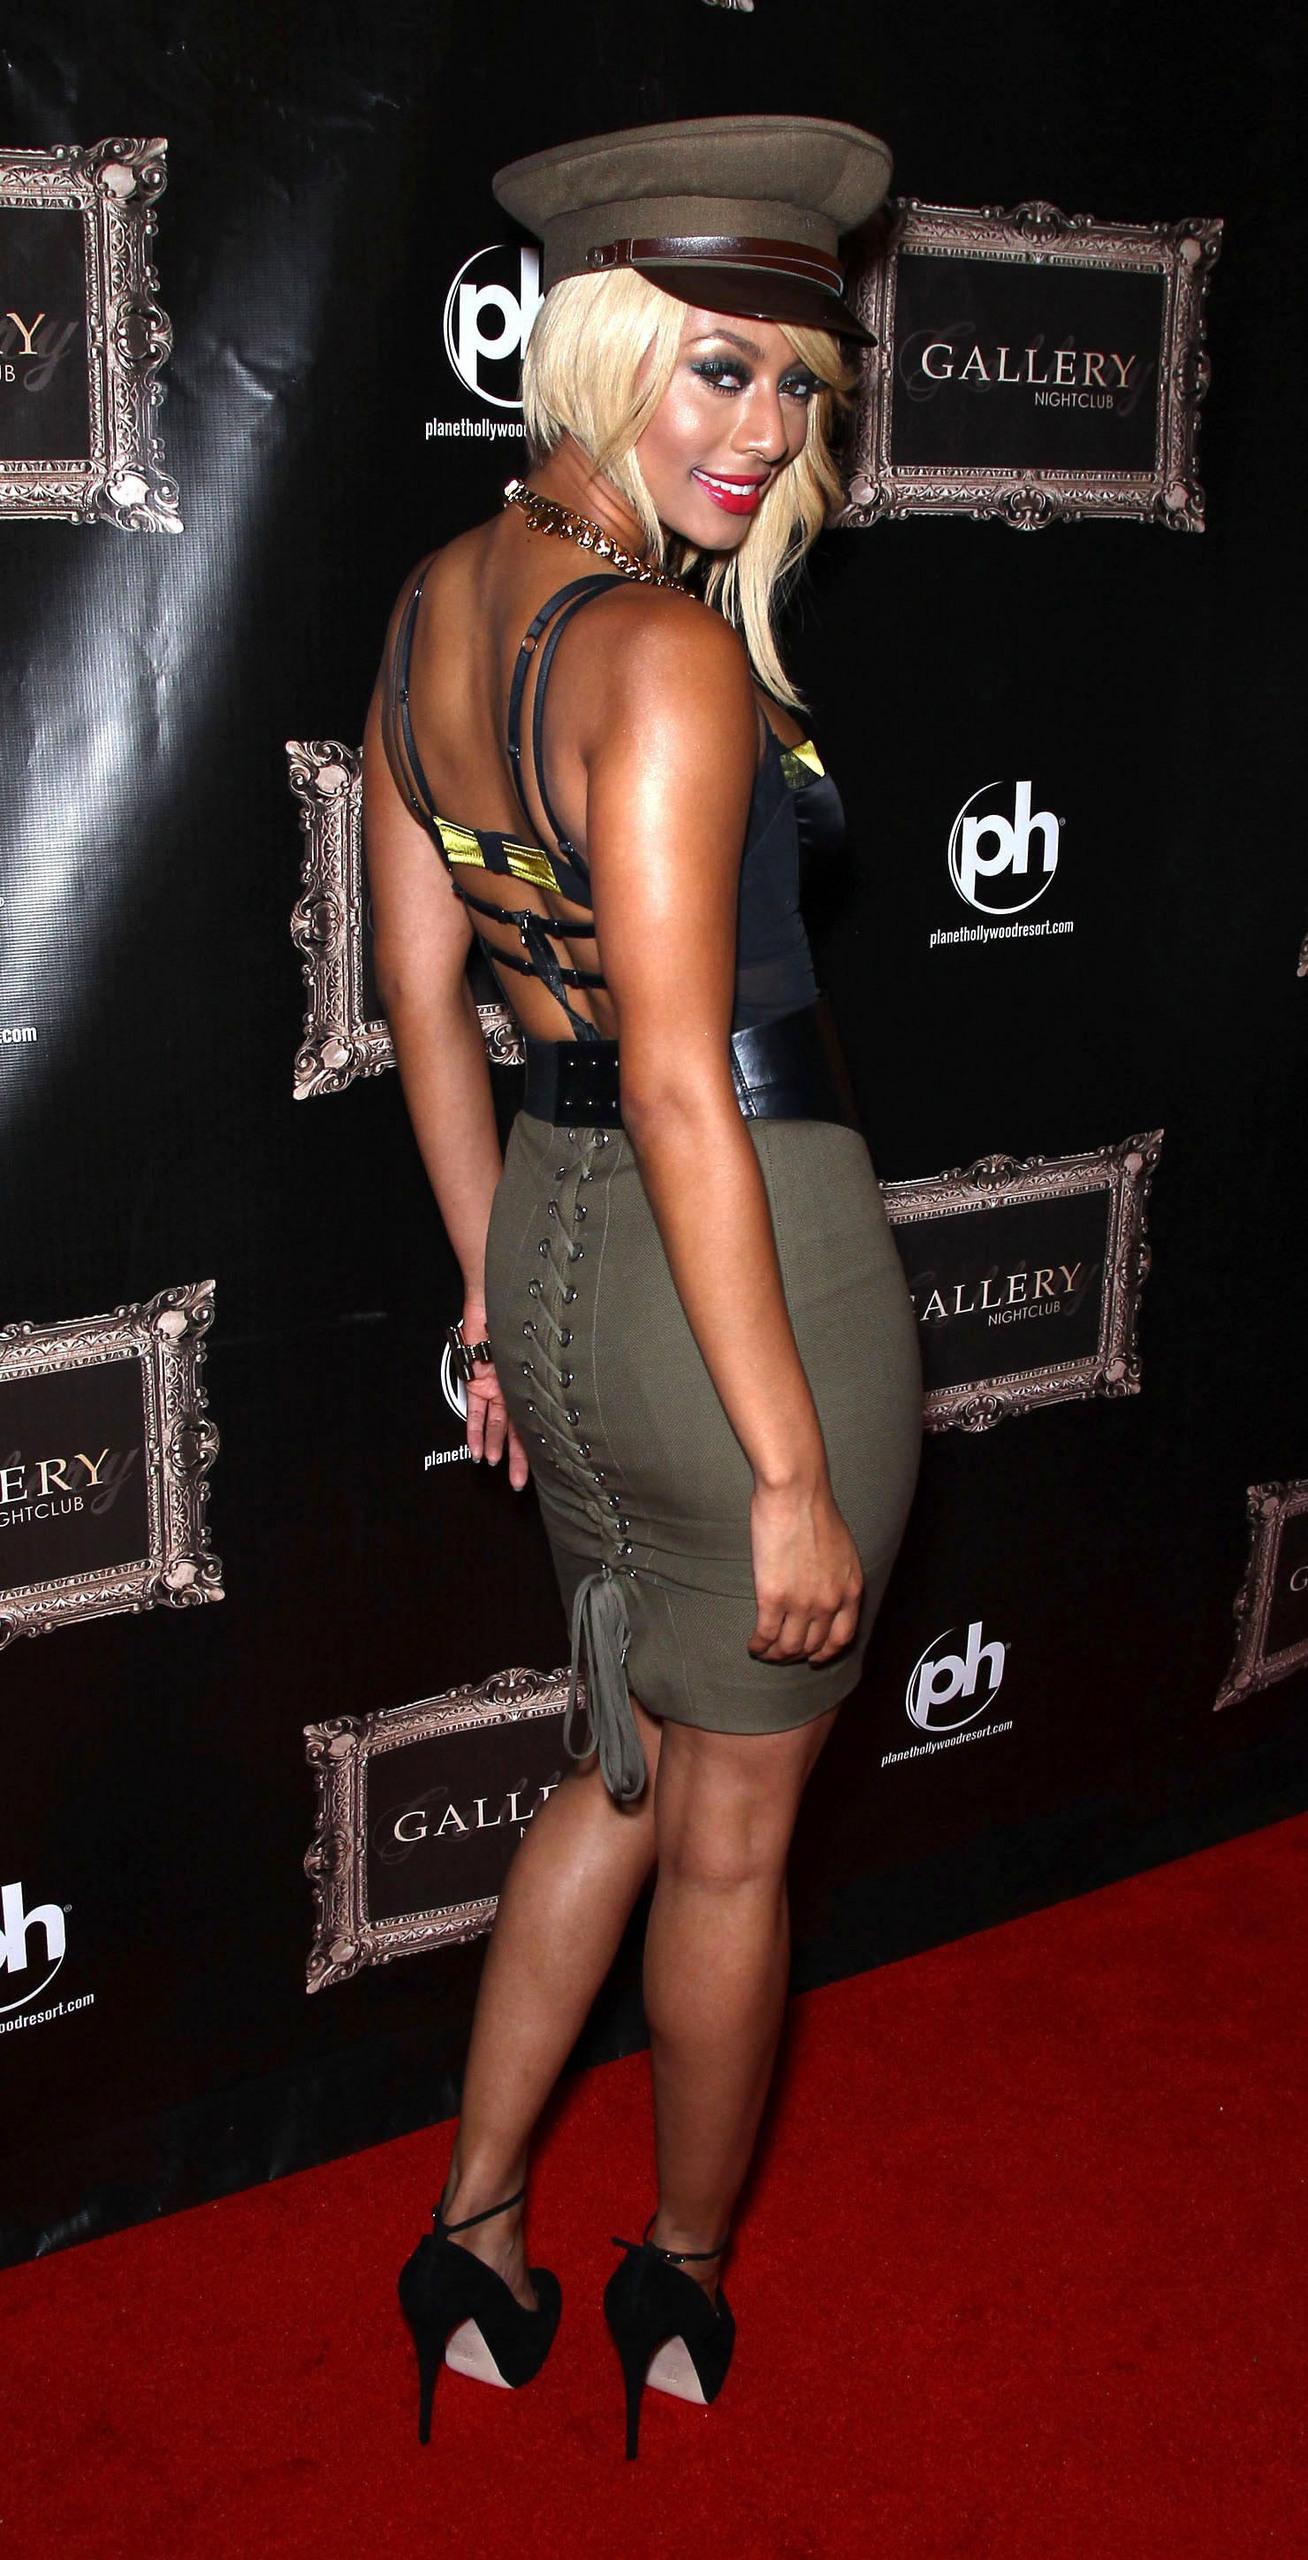 Keri Hilson At Gallery Nightclub In Las Vegas 09 07 2011